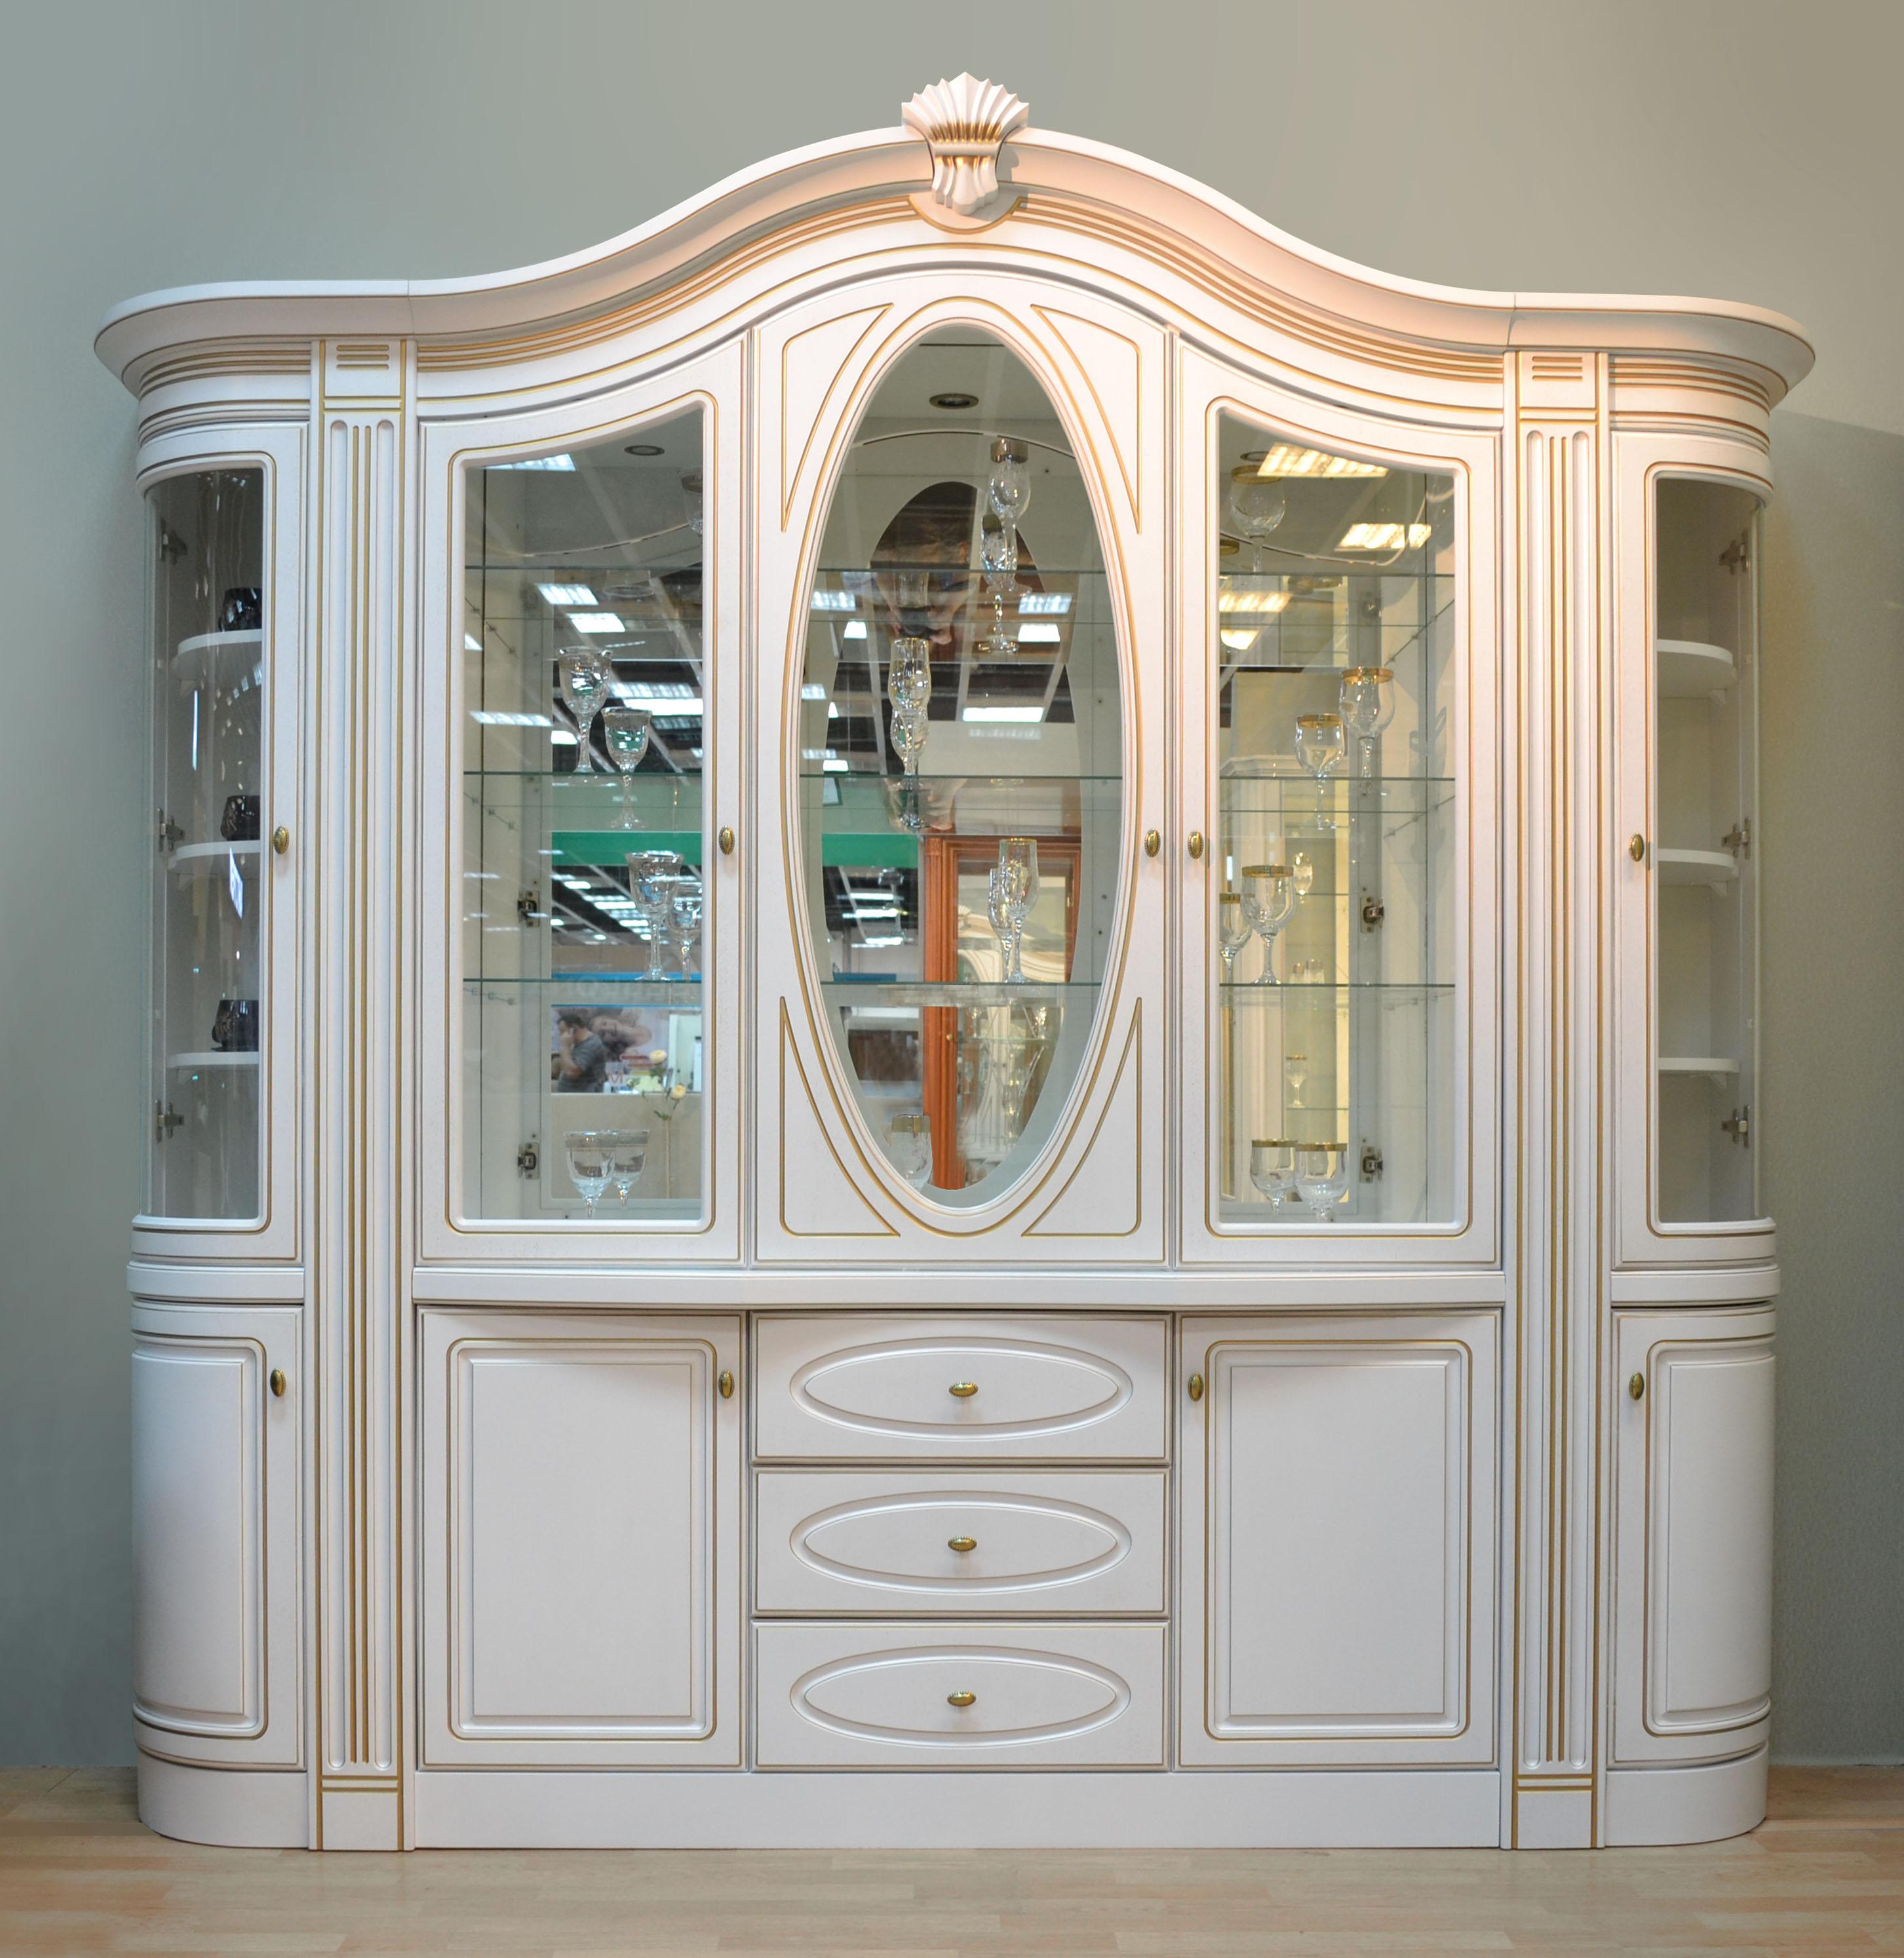 Сбор заказов. Мебель из массива и не только - кухни, спальни, гостиные, прихожие, отечественного производителя - 2!